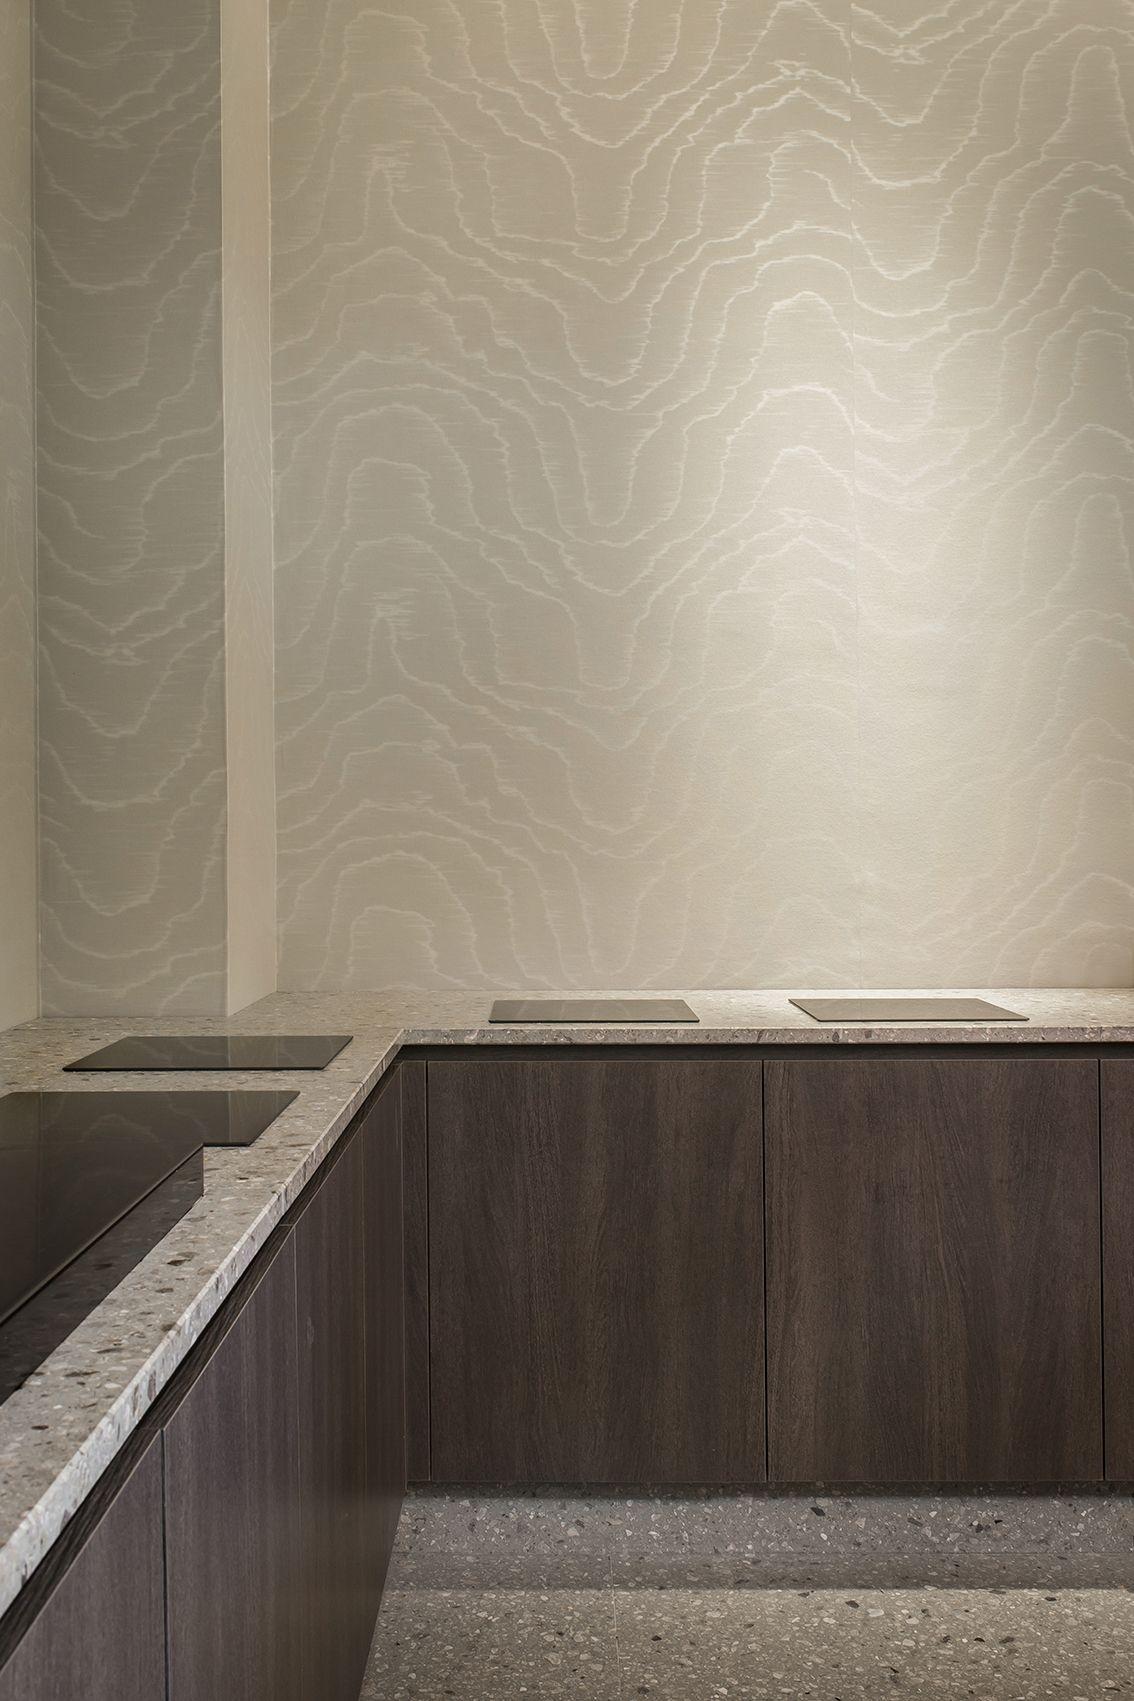 Hotel Ter Hills Ft Aggloceppo Terrazzo Tiles Mademeasure By - Fliesen für restaurant küche